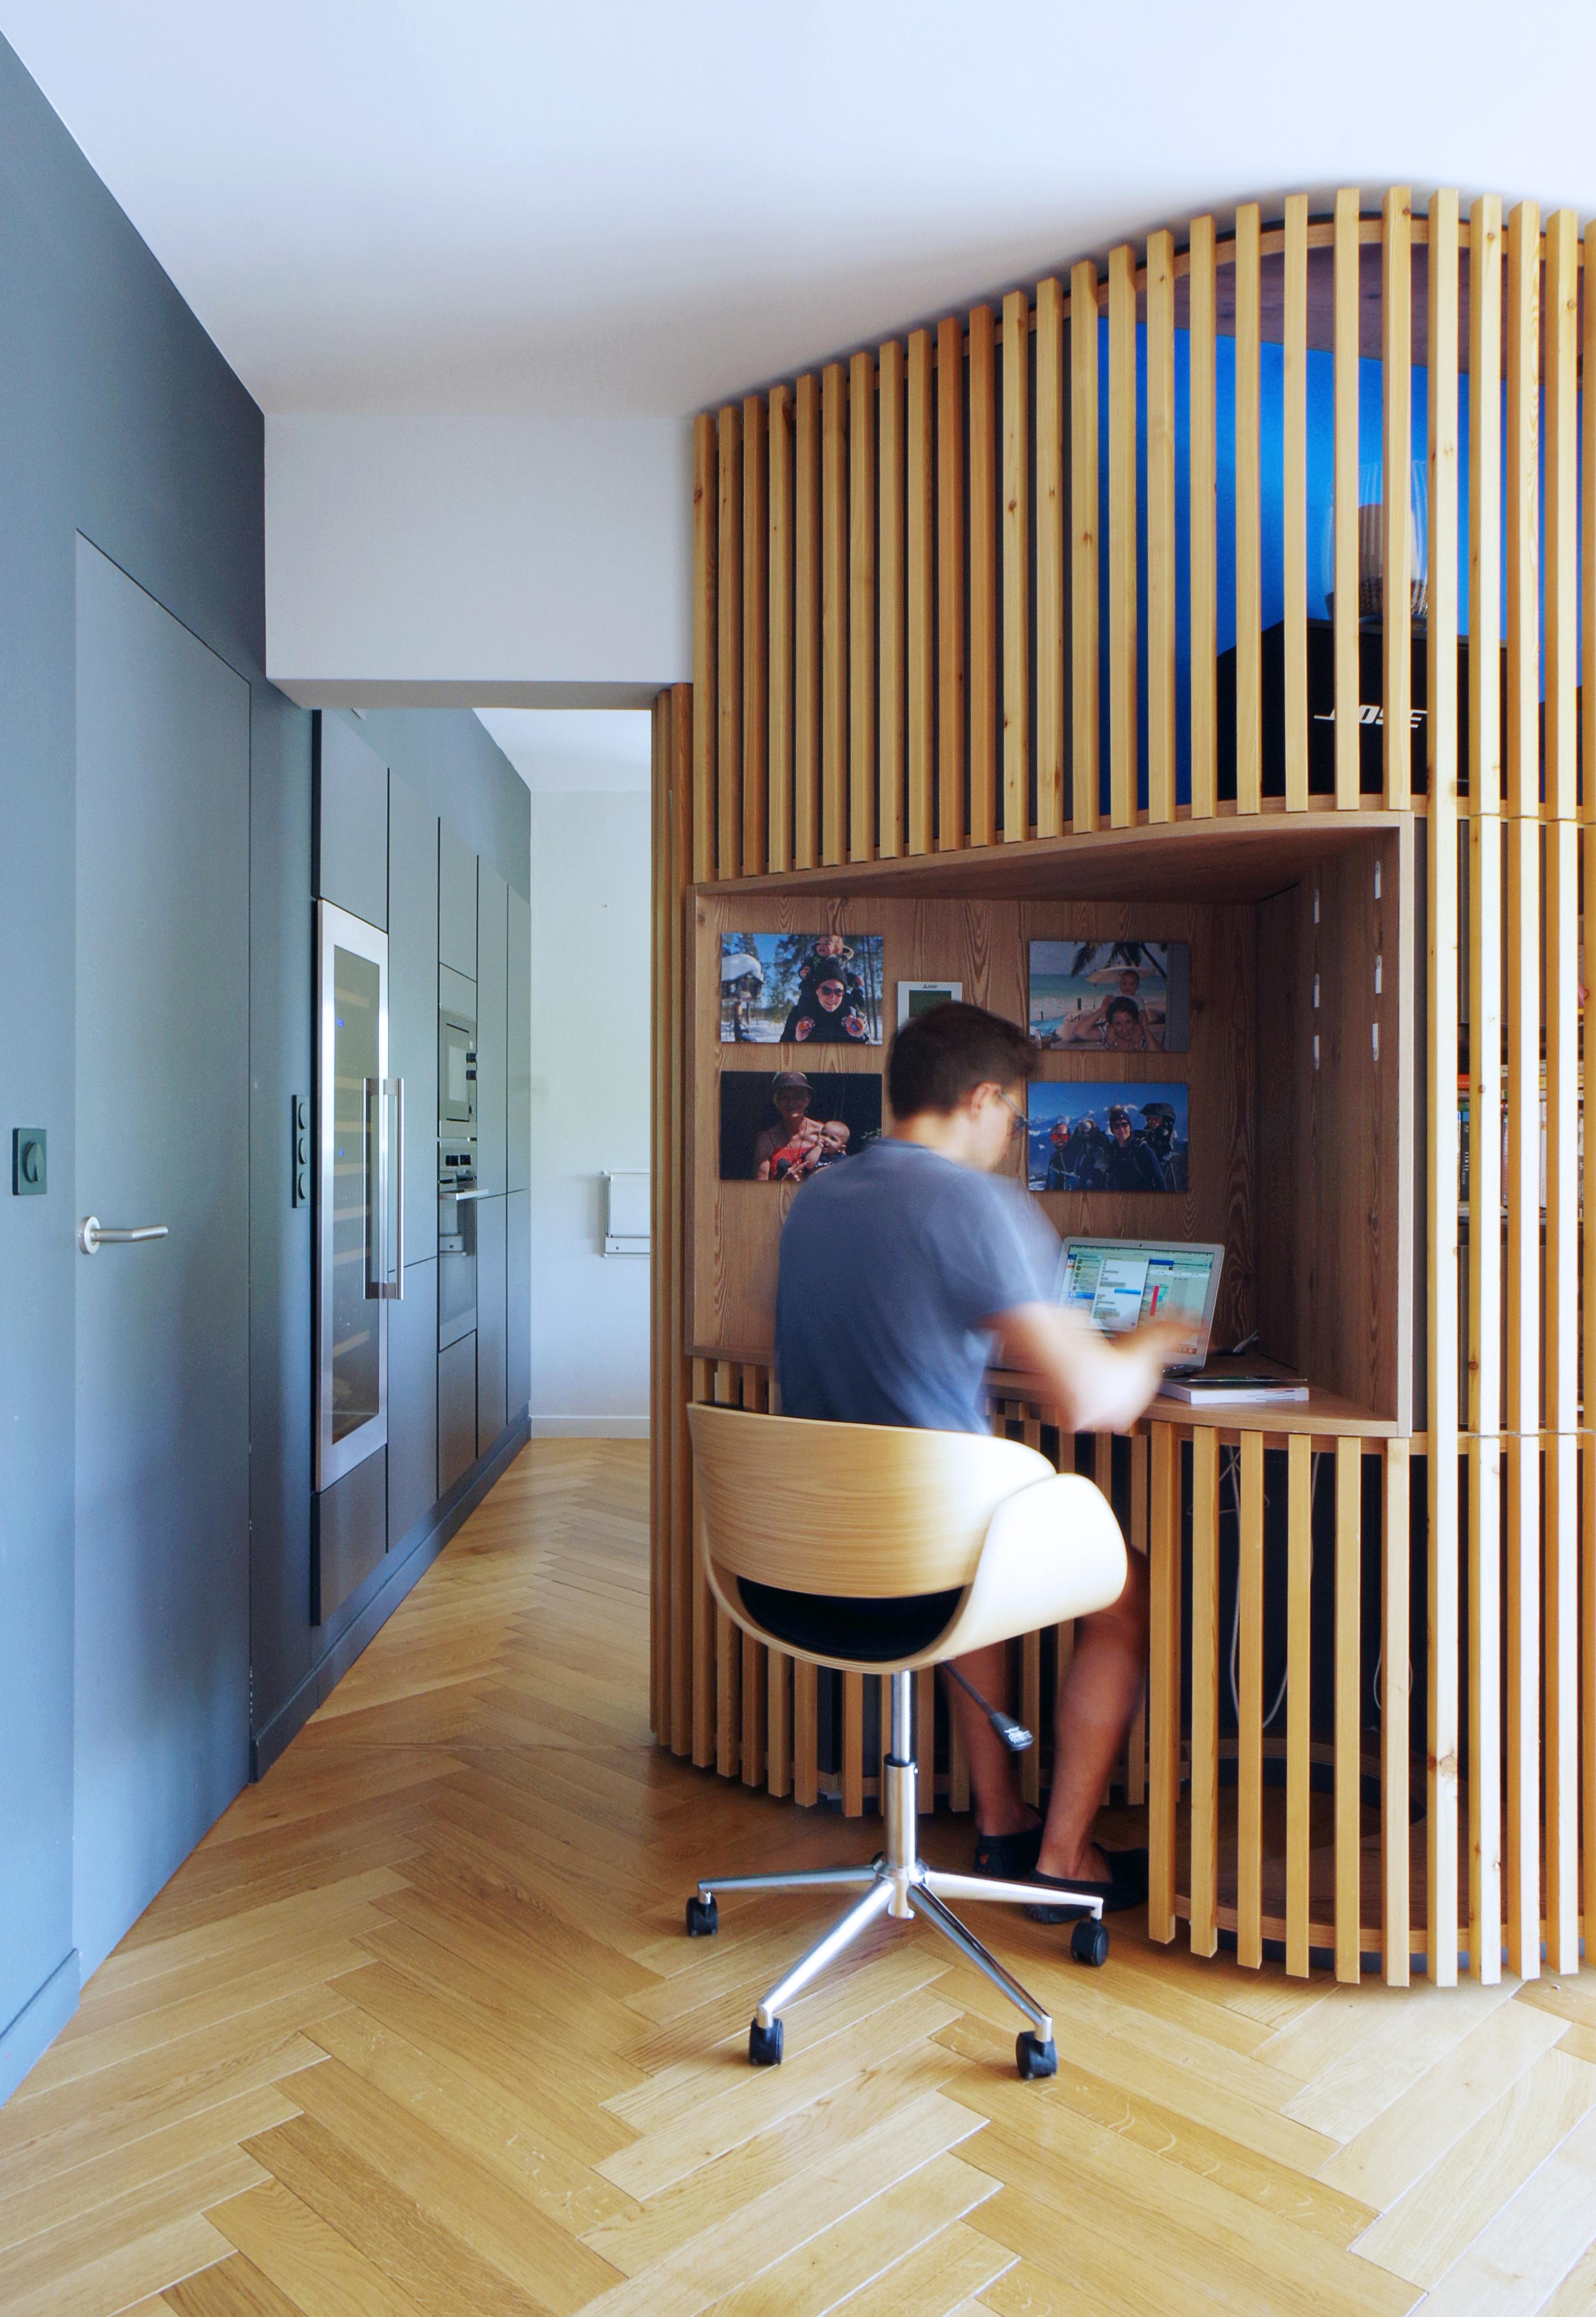 Appartement_Rénovation_Annecy_agencement_meuble-central_Bureau_bois_tasseau